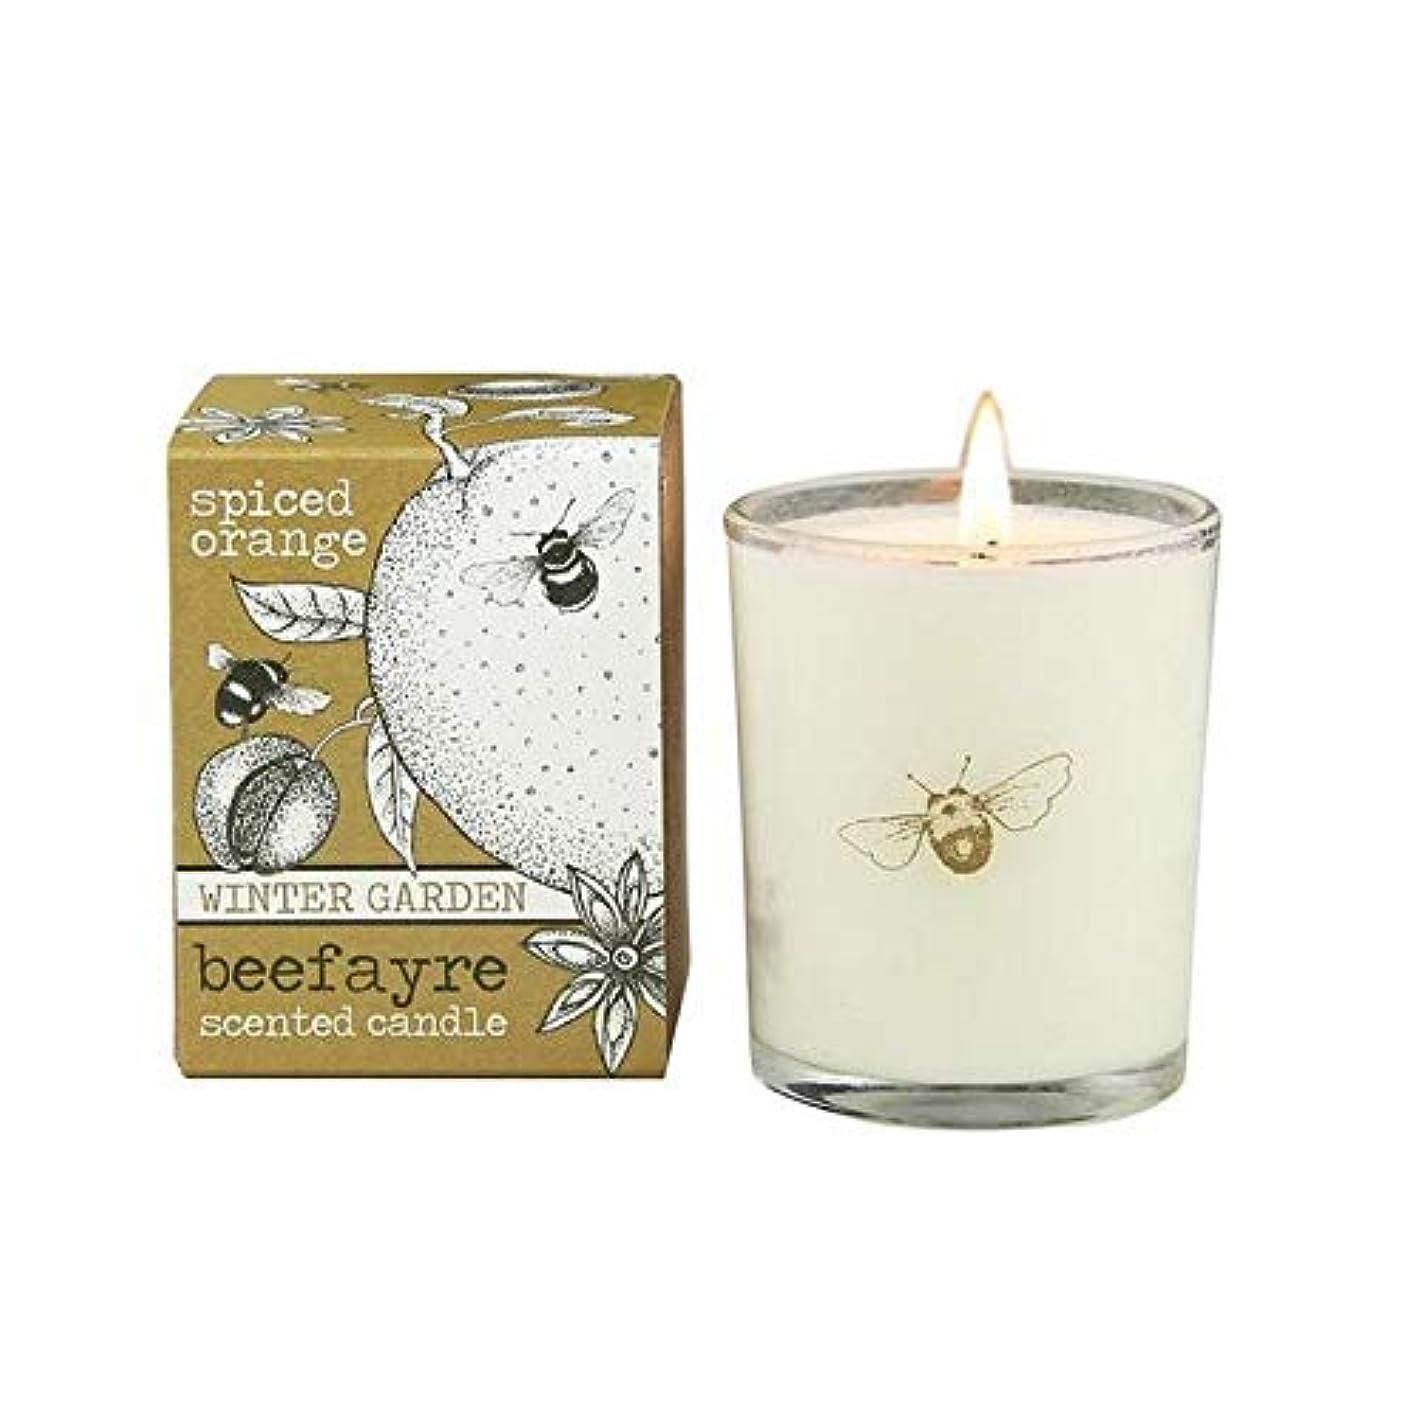 プーノ七面鳥量で[Beefayre] Beefayreスパイスオレンジ色の小さな香りのキャンドル - Beefayre Spiced Orange Small Scented Candle [並行輸入品]